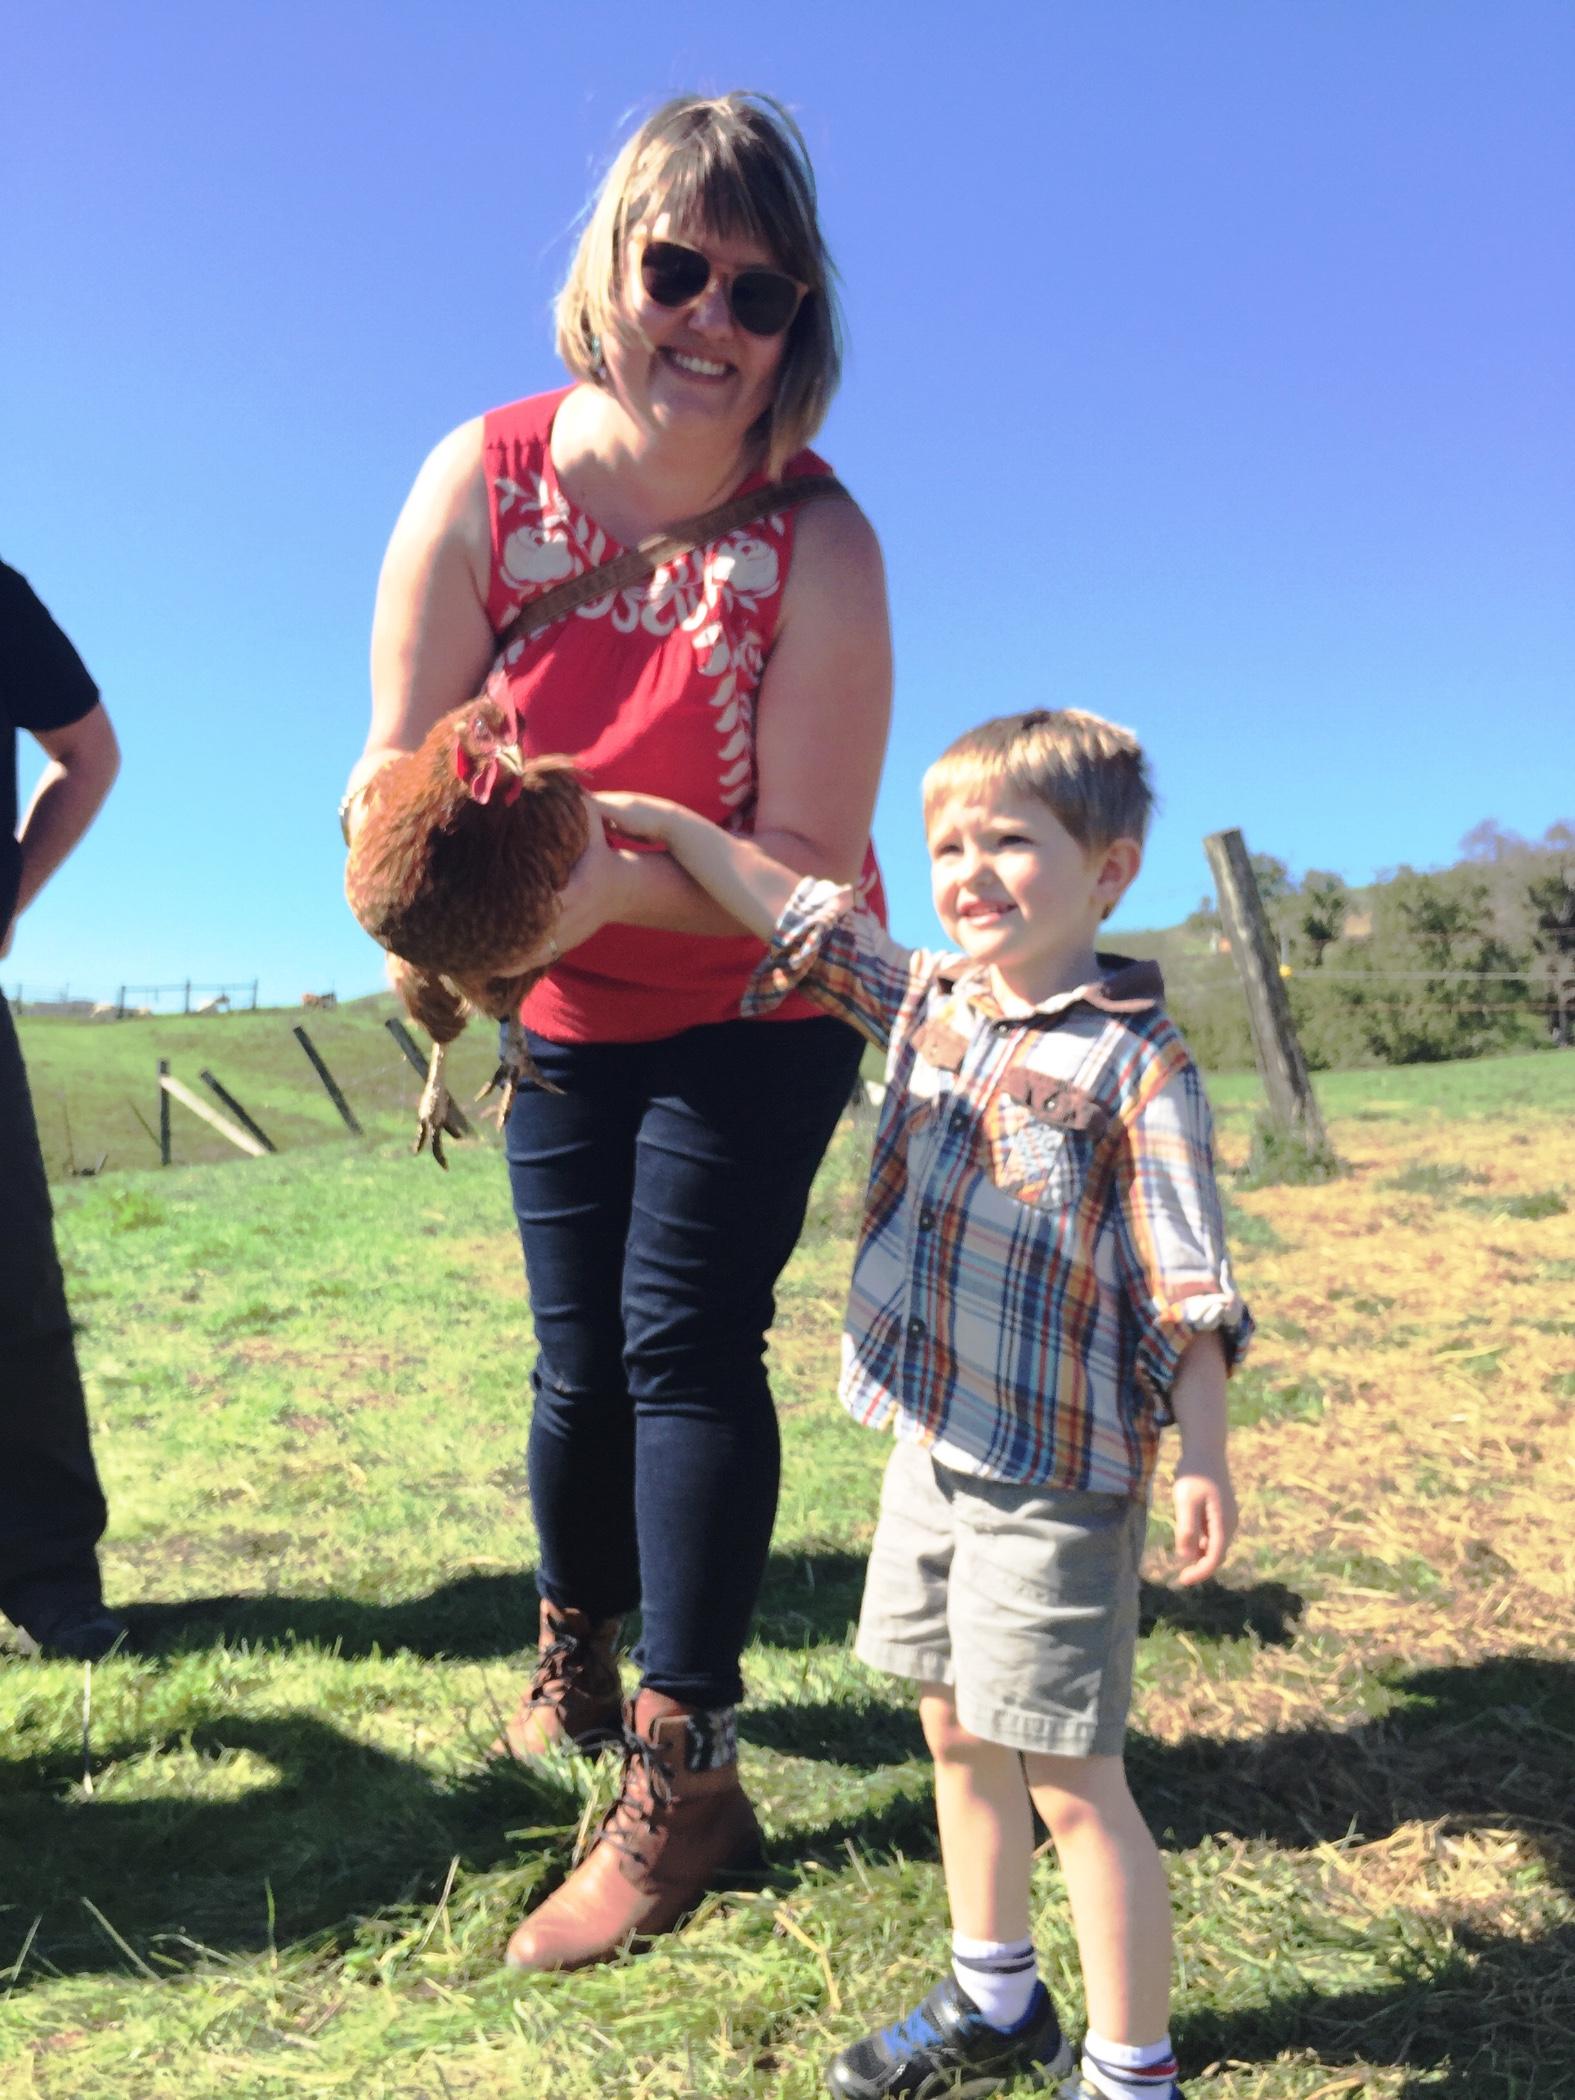 lukeandJ_holding_chicken